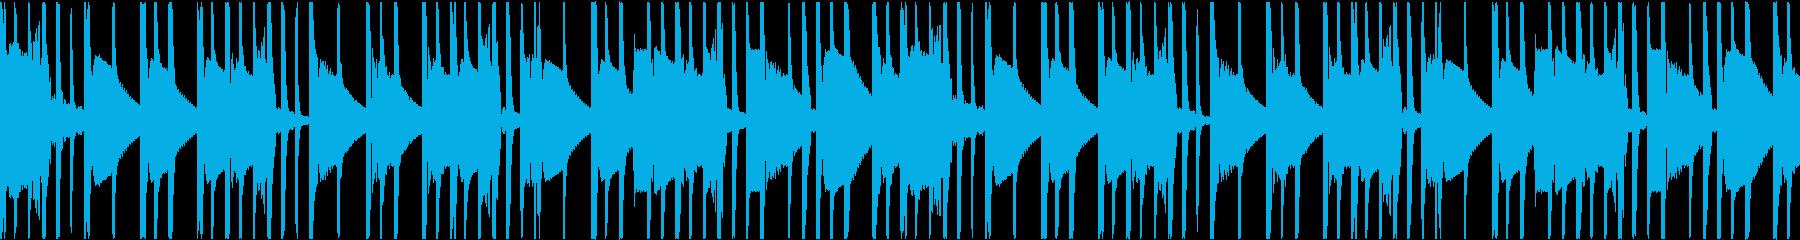 hiphop Drum Loop の再生済みの波形